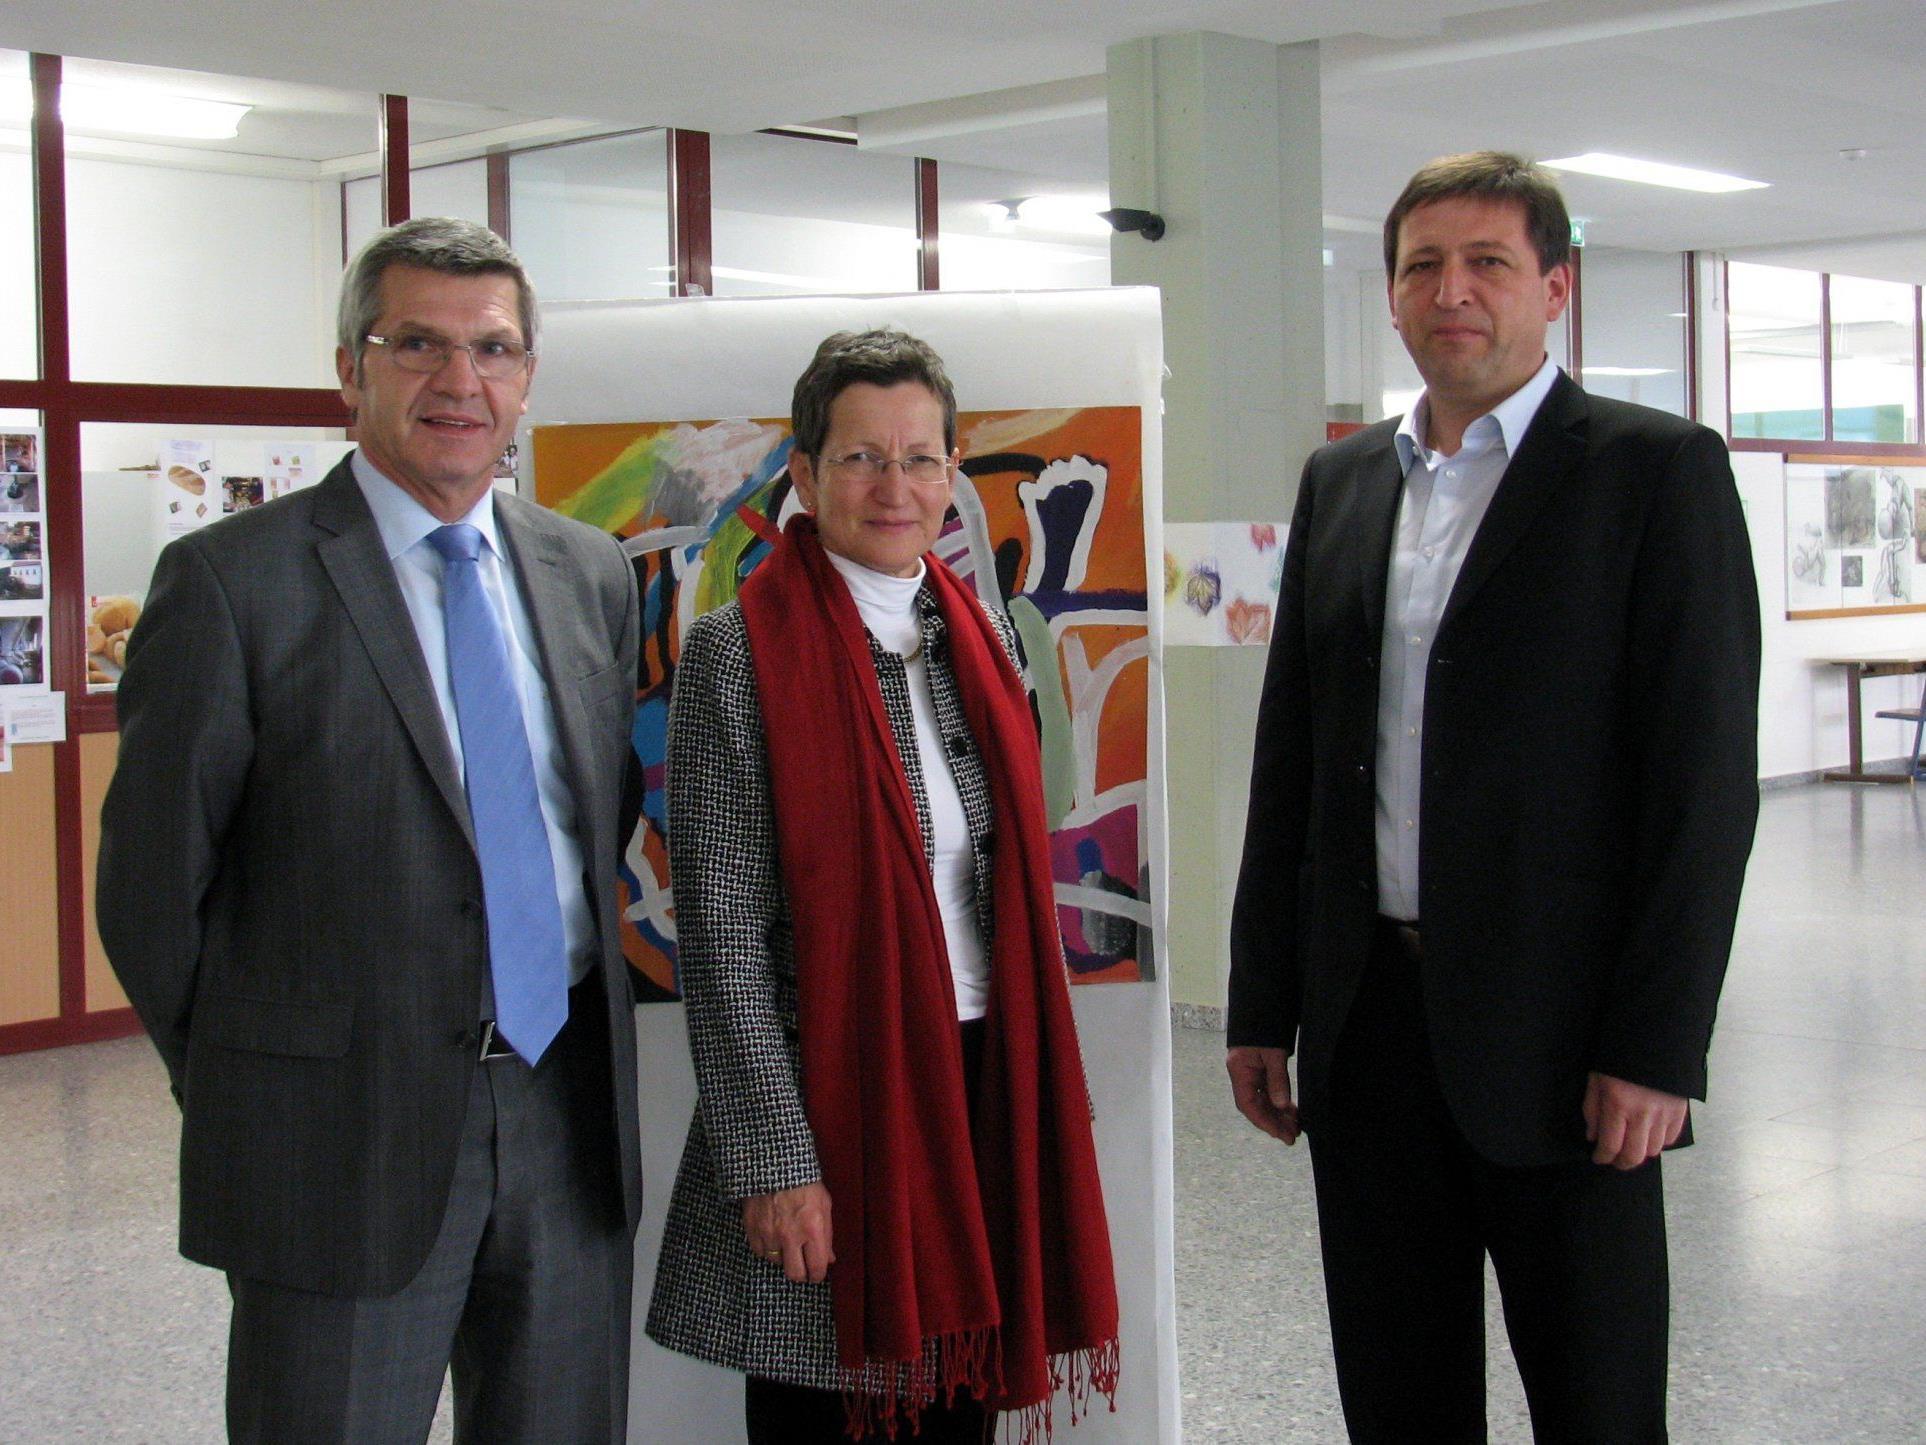 LR Stemer und LR Schmid mit Direktor Neururer von der Mittelschule Lustenau-Rheindorf